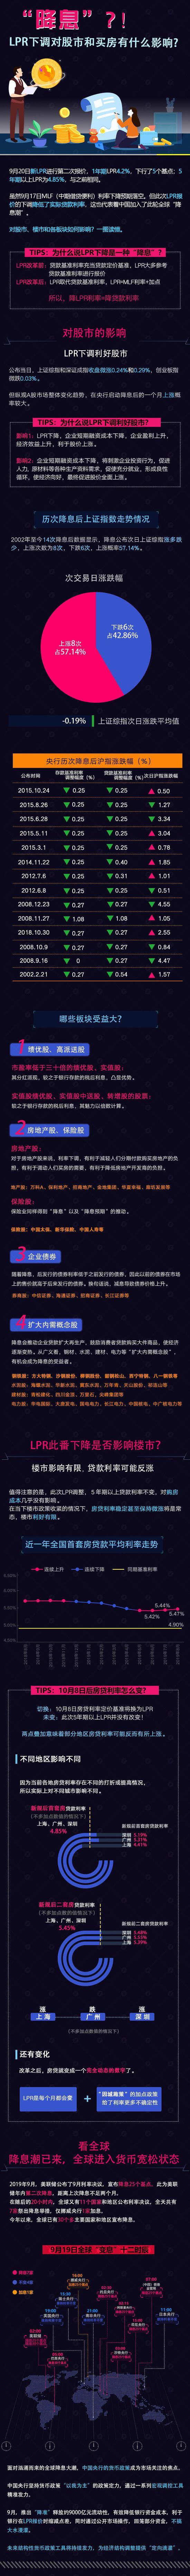 网安协调局李爱东:数字经济总量占GDP总量的32.9%